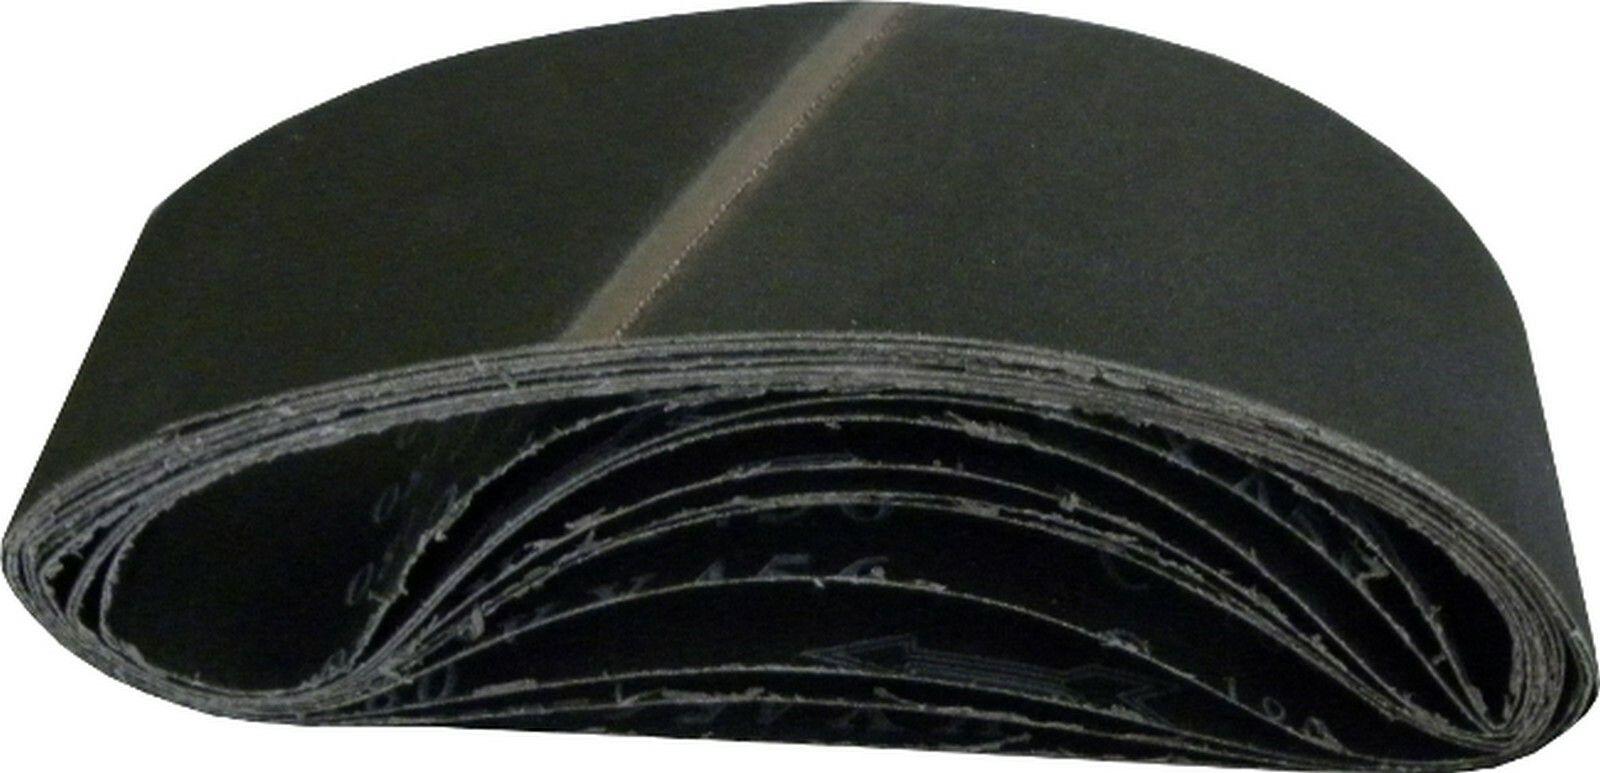 Plátno brusné nekonečný pás, 75x457mm, P120 GEKO